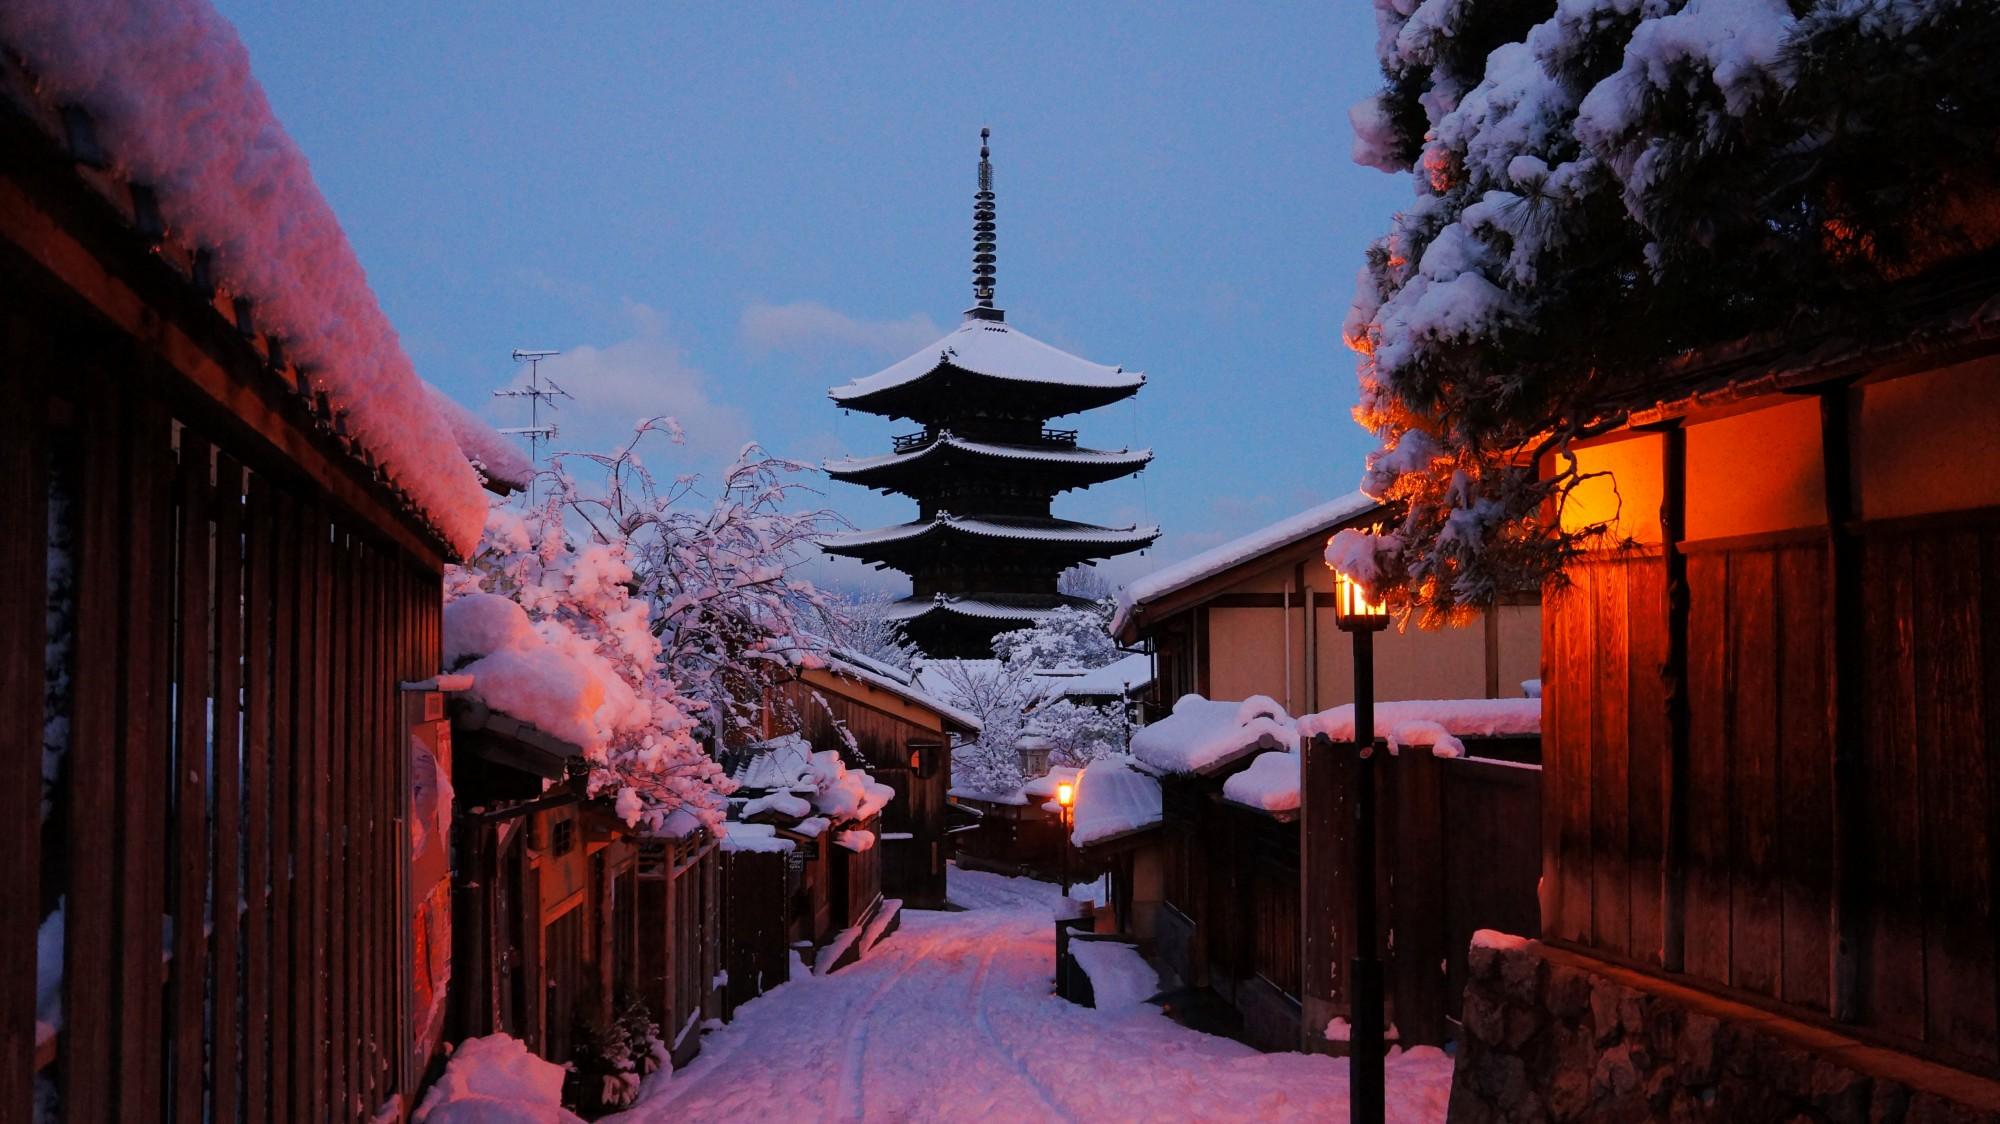 八坂の塔 雪 祇園に佇む五重塔の冬景色